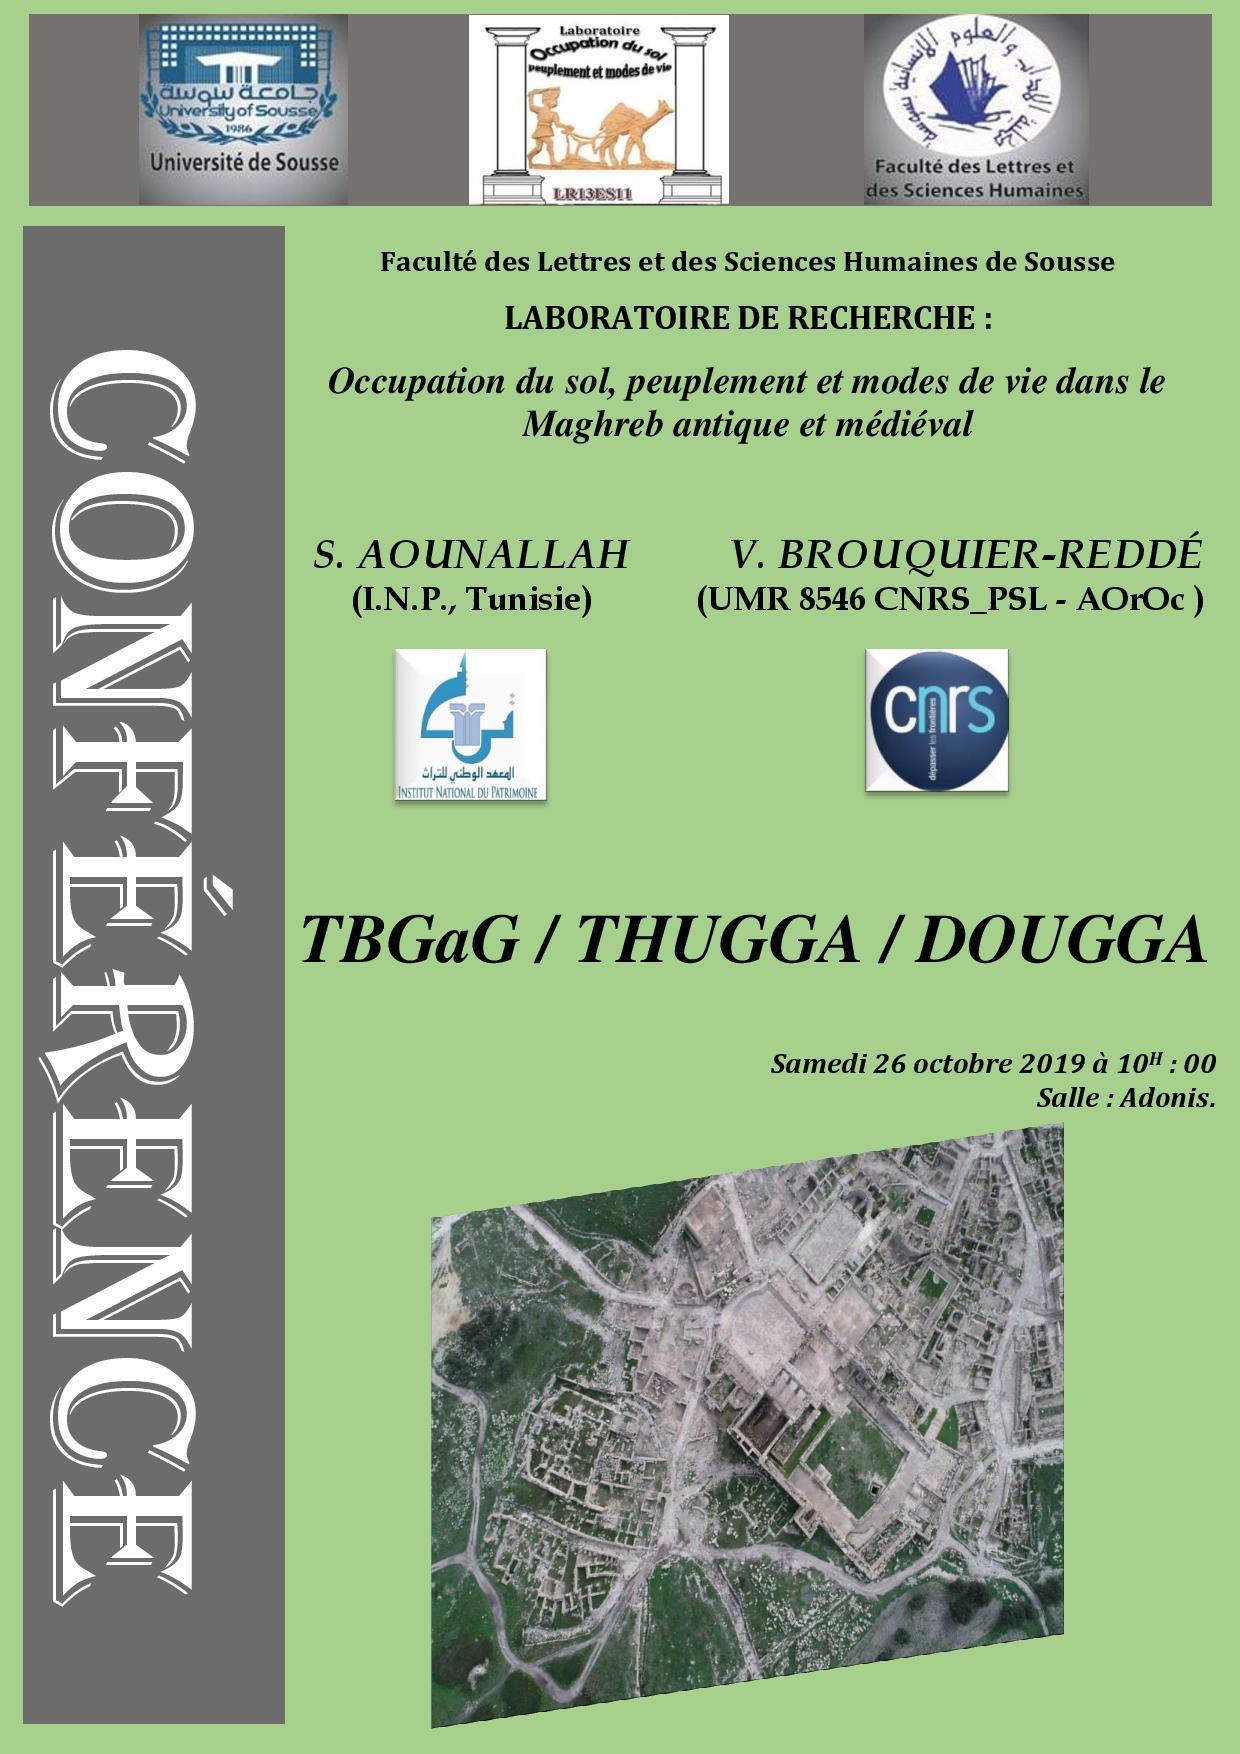 TBGaG/THUGGA/DOUGGA